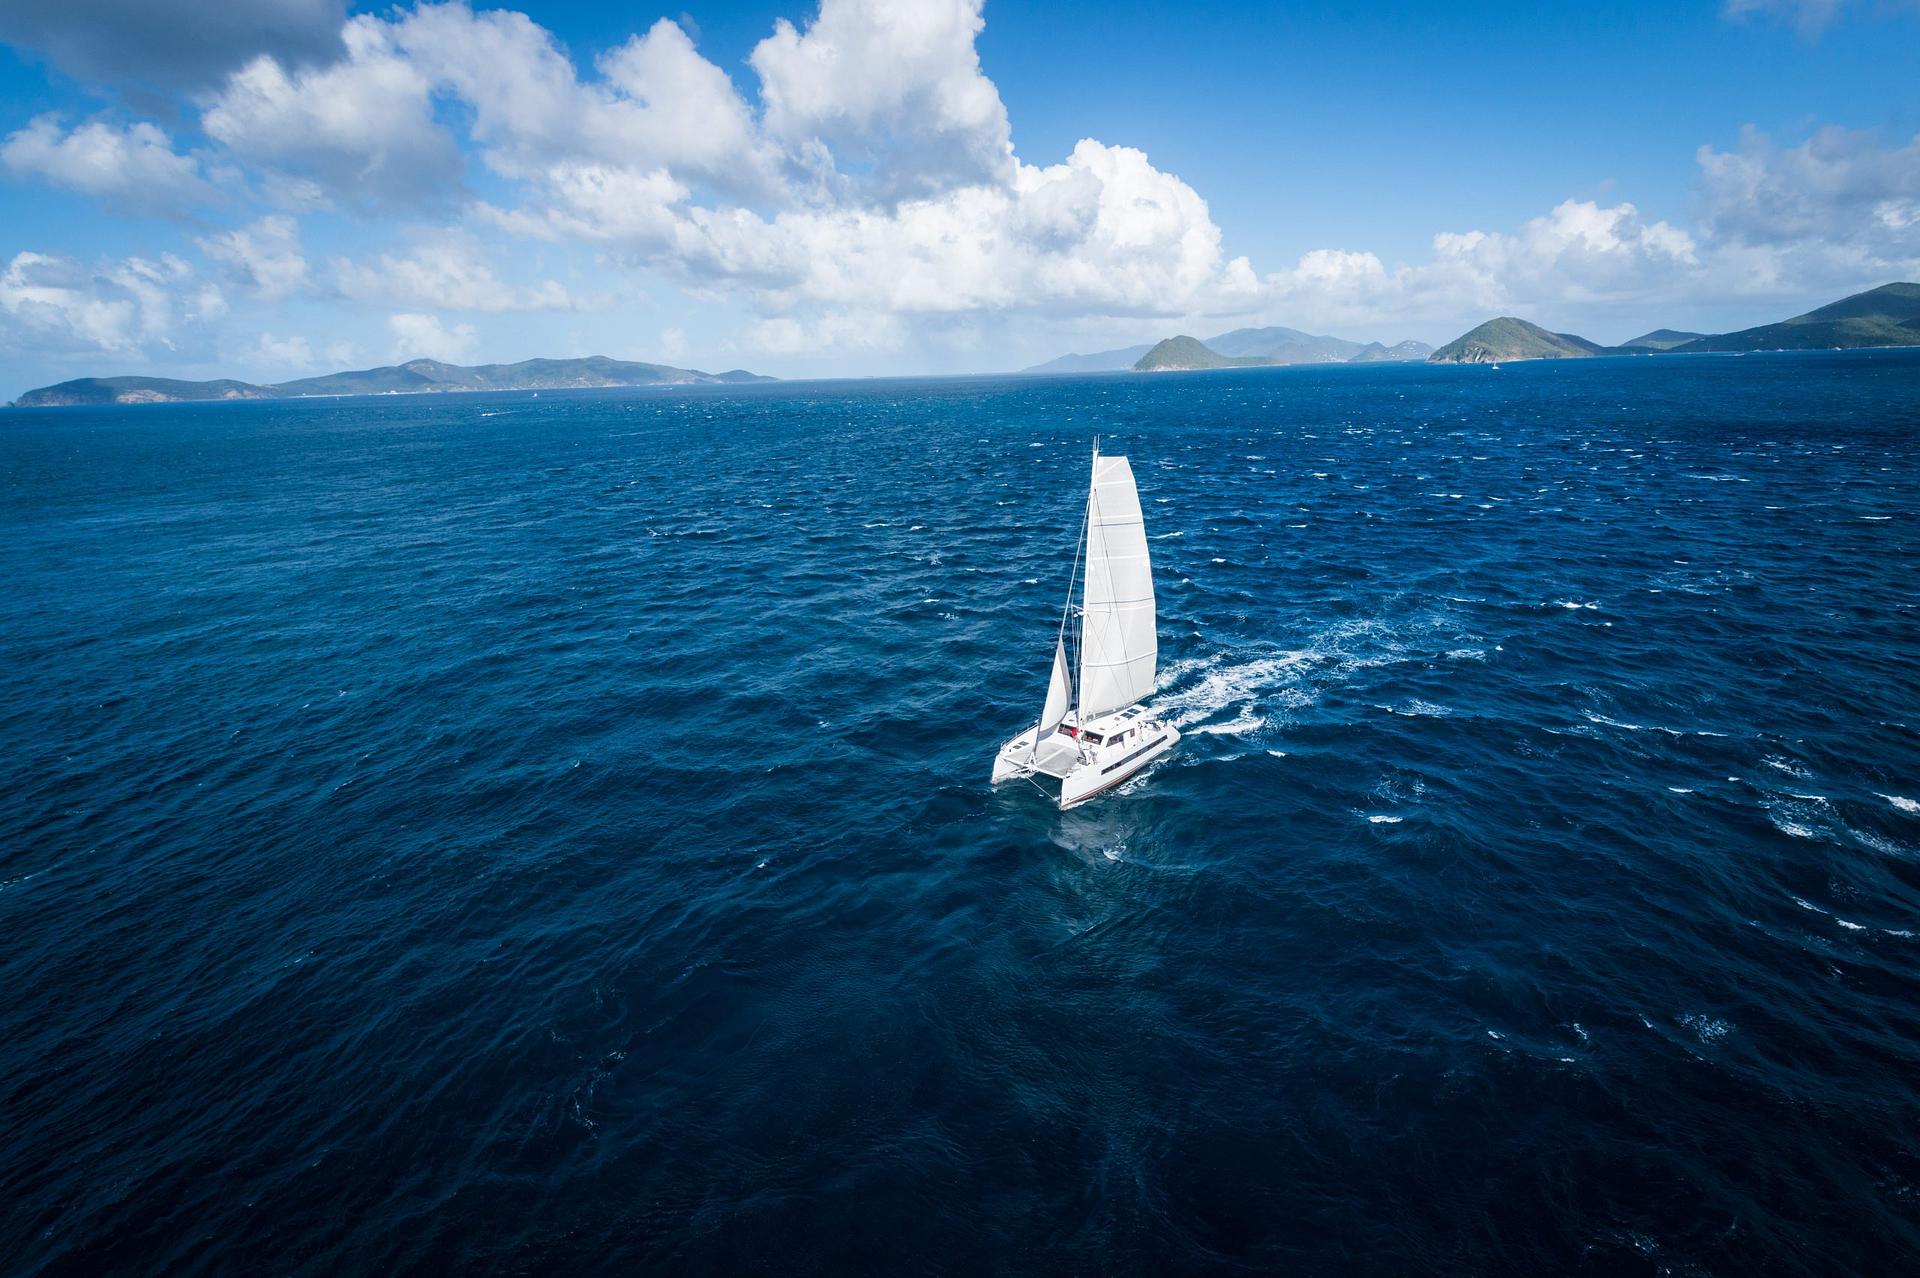 Vente / Achat de catamarans et multicoques avec Multicats International